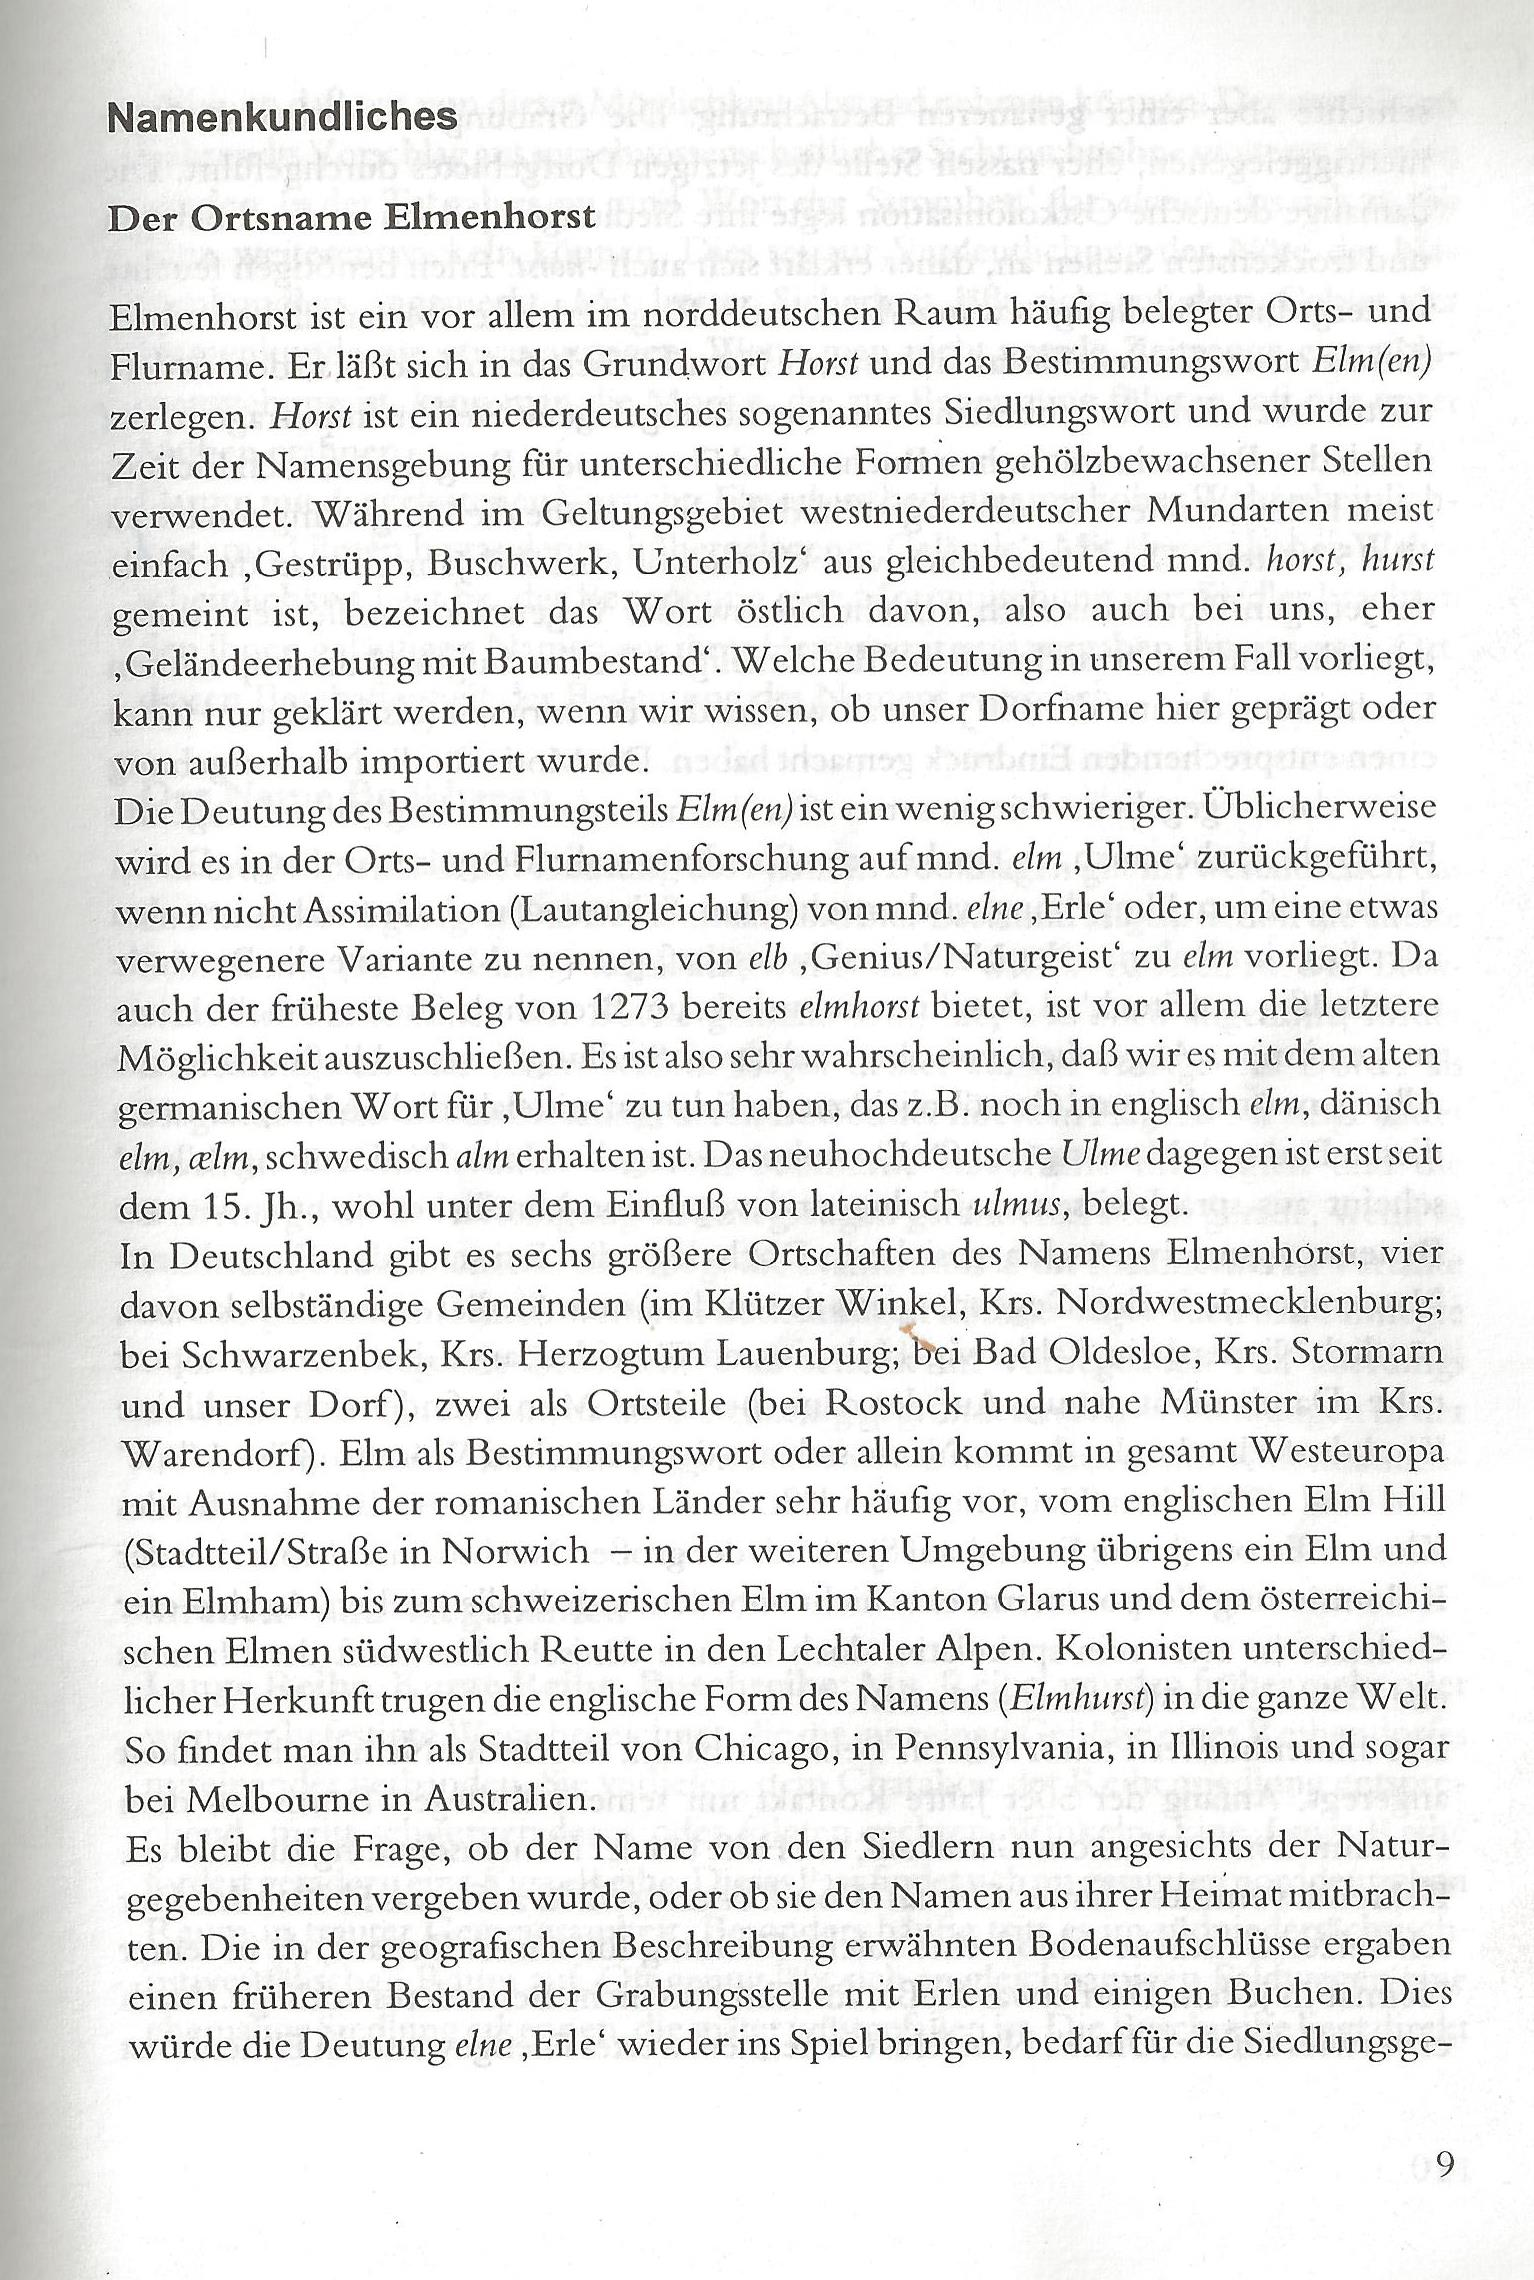 Namenkundliches (Seiten 009 - 015)